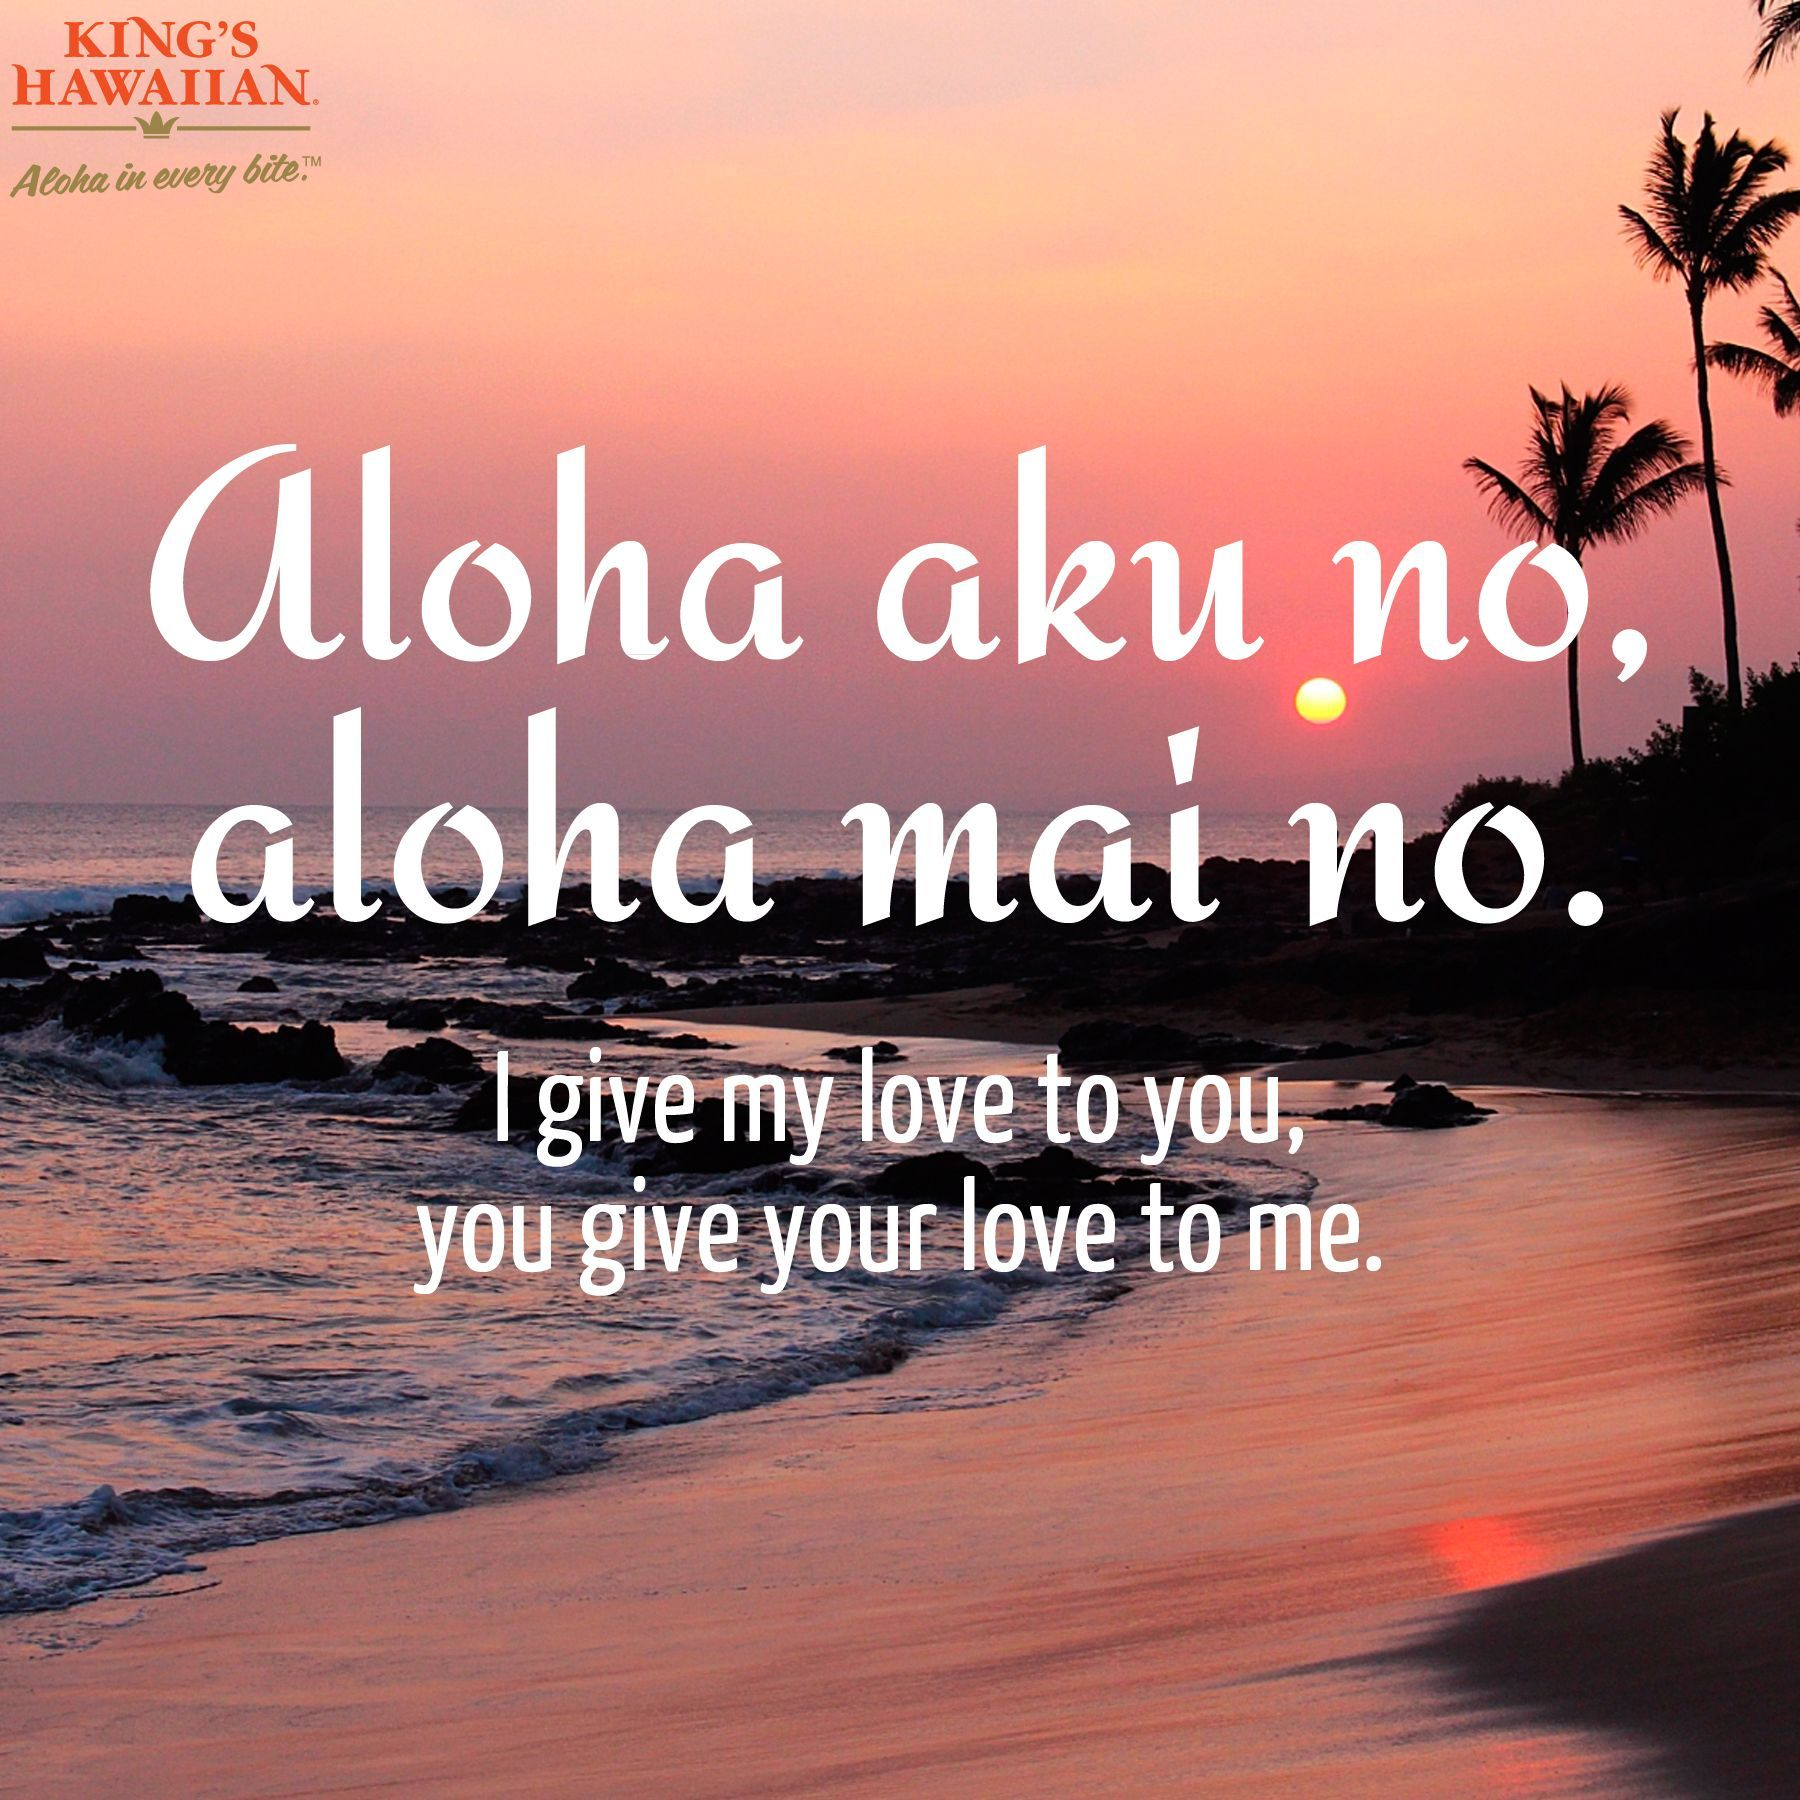 Hawaiian words🌺 | Hawaii wordings ✨ in 2019 | Hawaiian